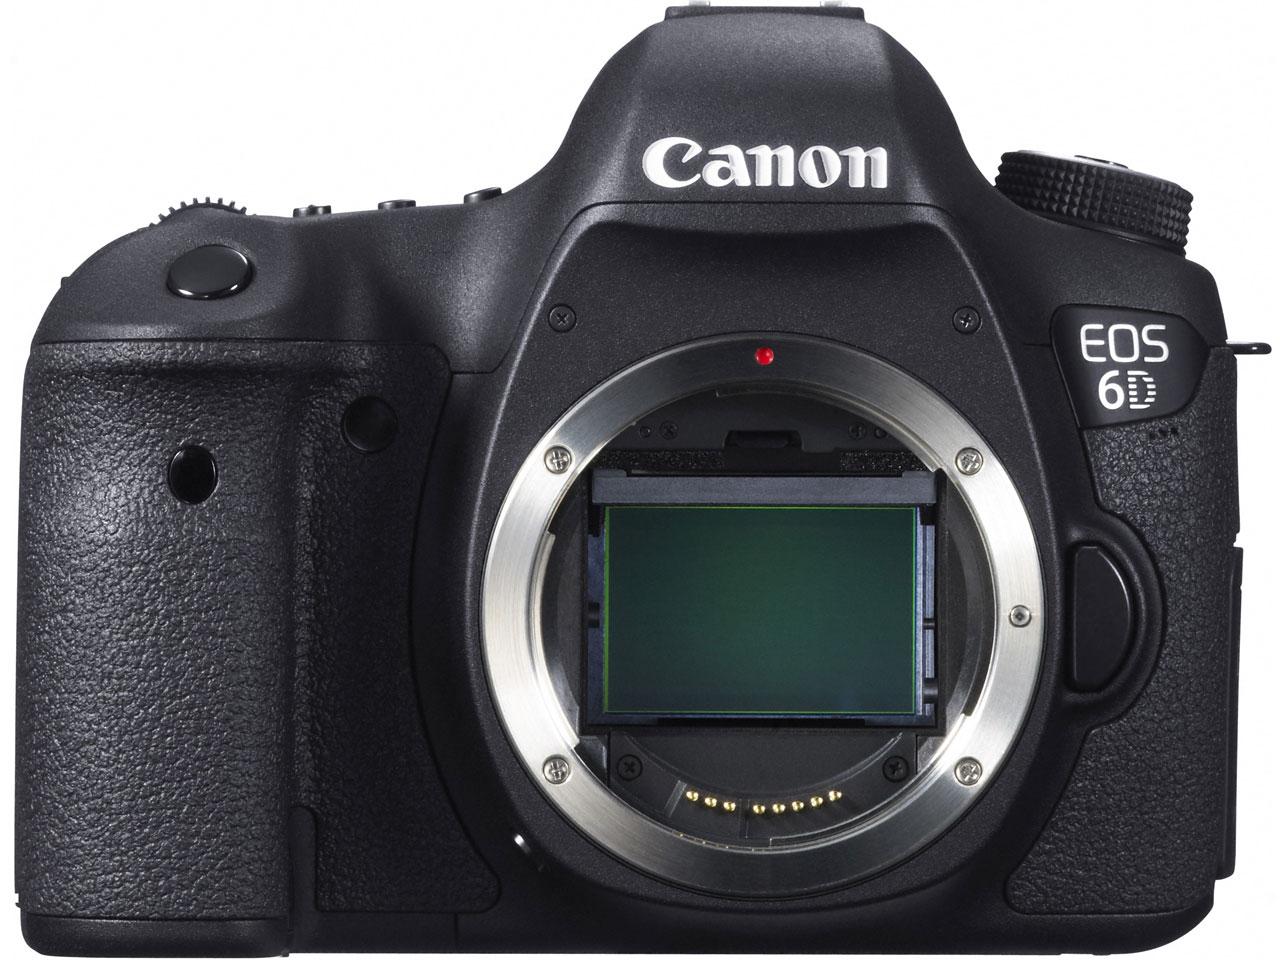 【新品・未使用】CANON(キヤノン) EOS 6D ボディ デジタル一眼カメラ 家電